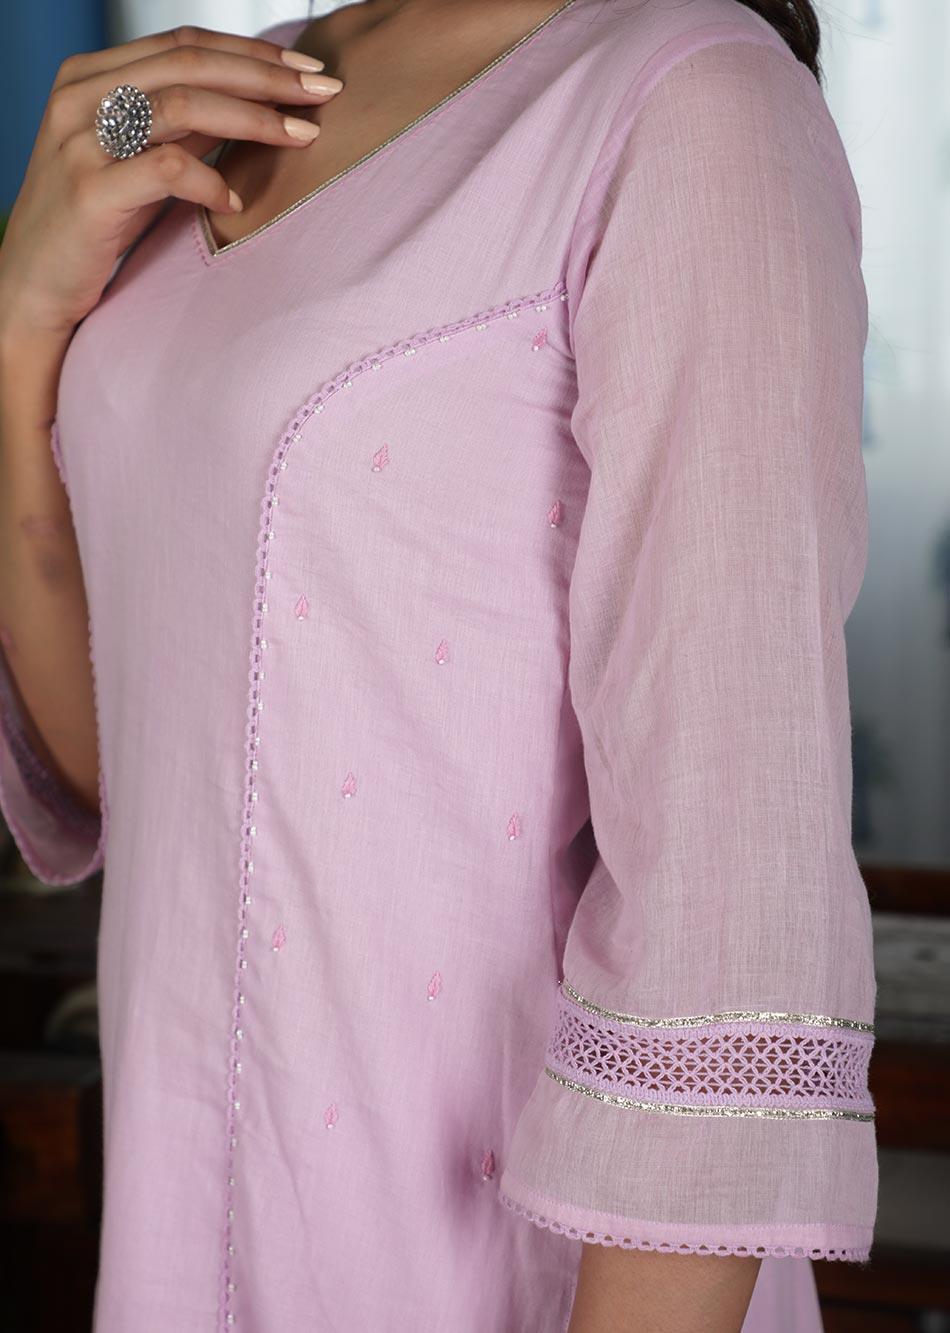 MOH Lilac Lacey Kurta (only kurta) By Jovi Fashion